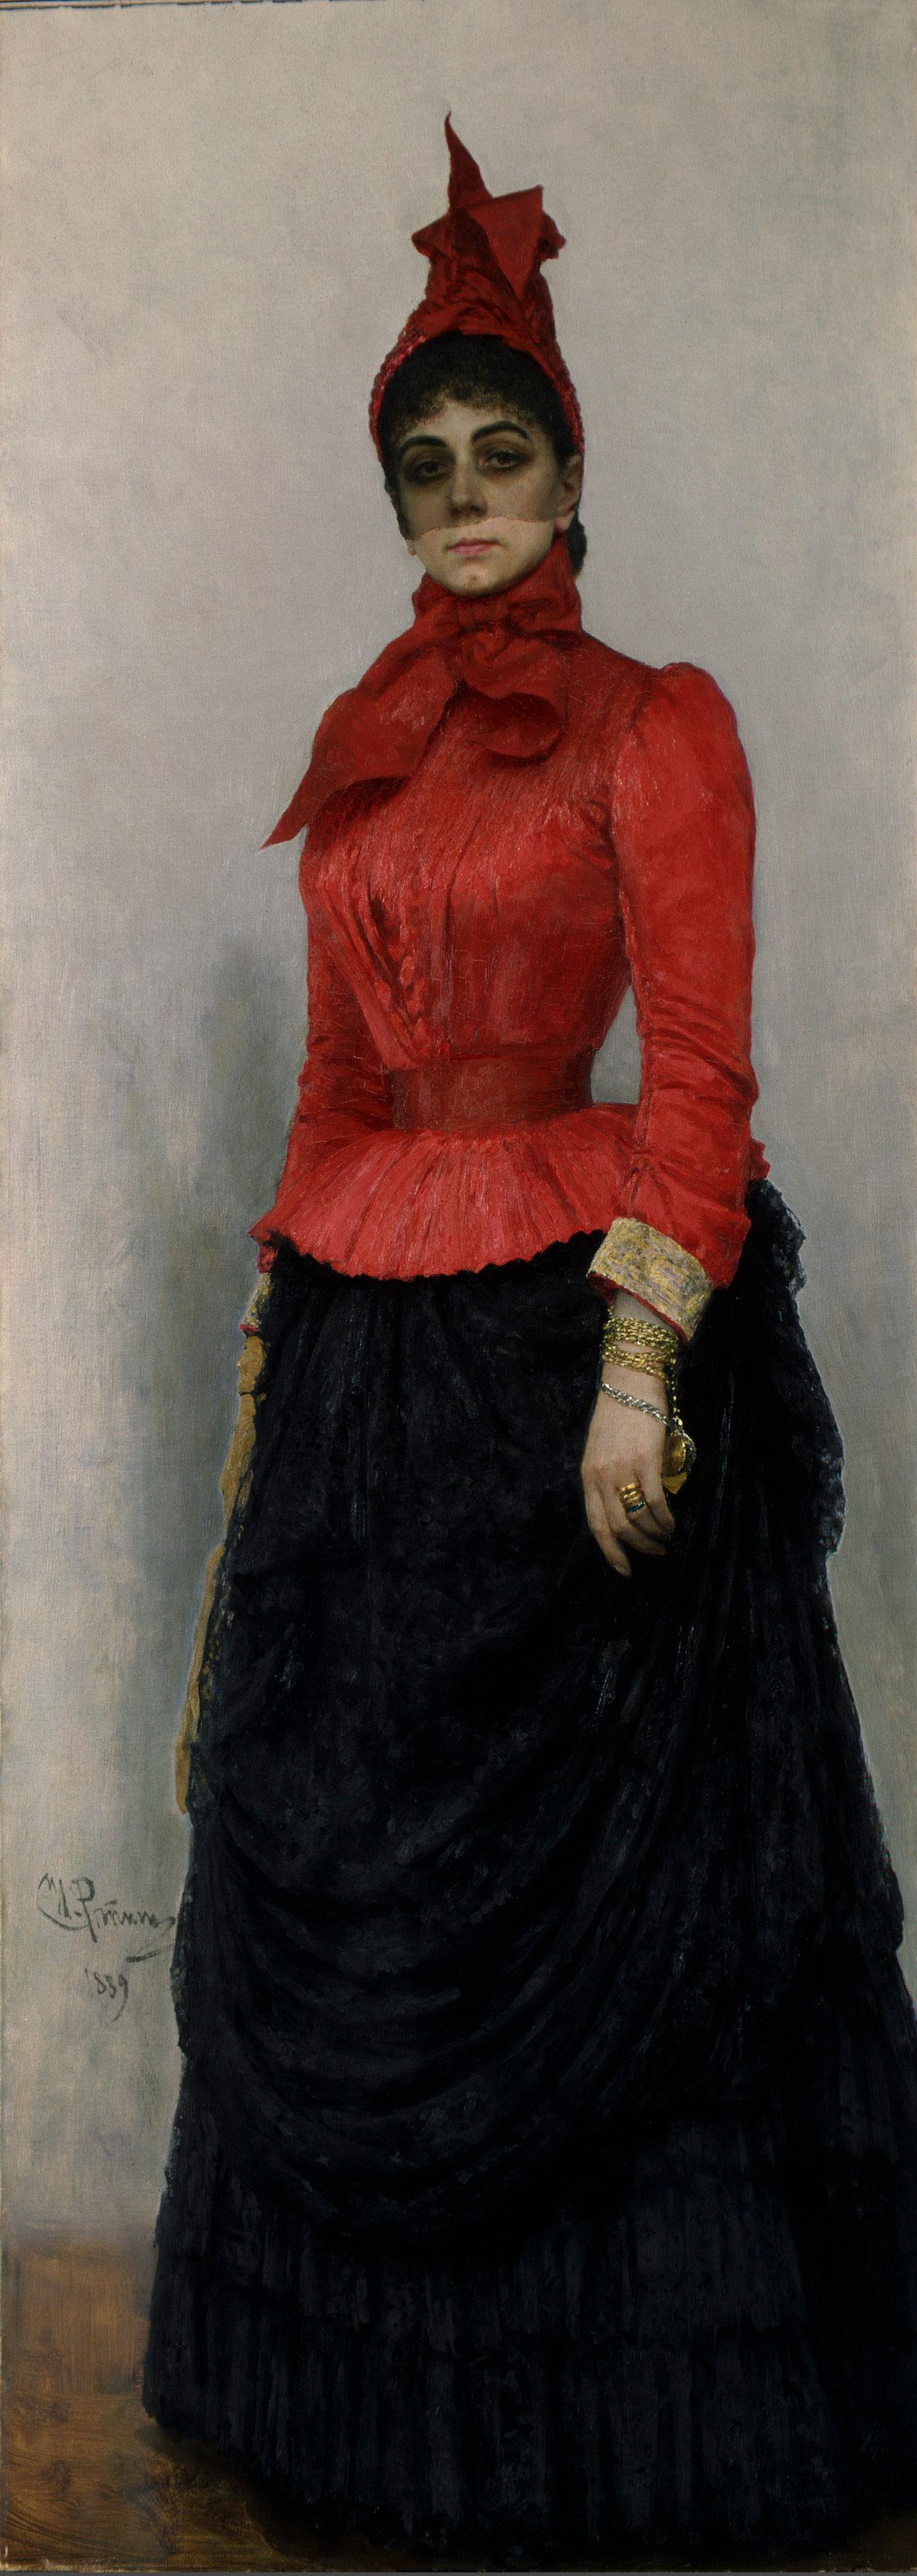 Ilia Repin: Baroness Varvara Ikskul von Hildenbandt, 1889